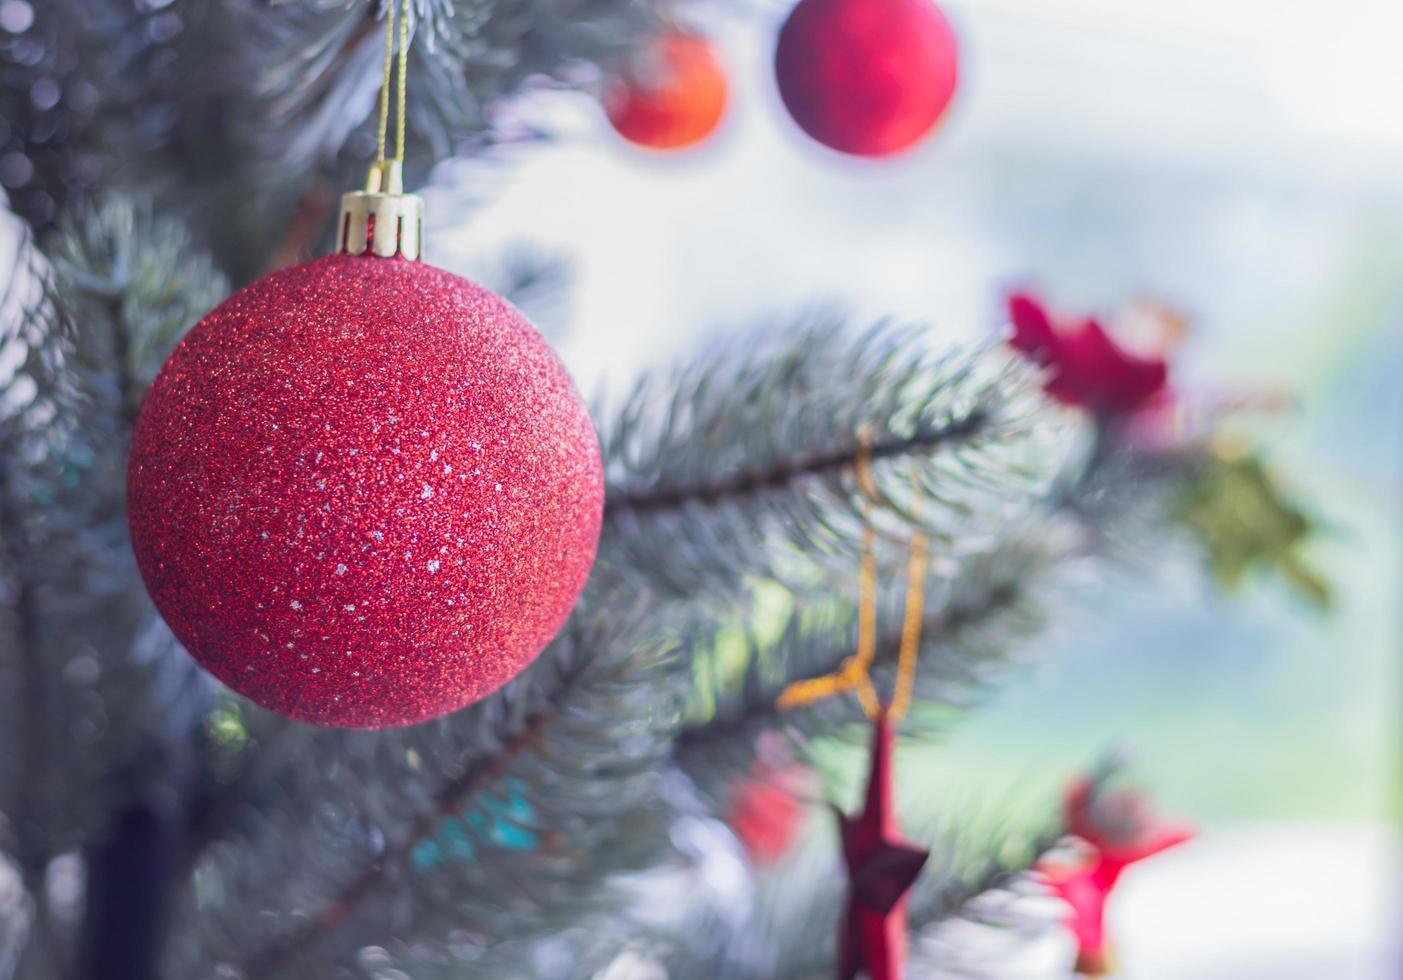 palline rosse di natale sull'albero foto